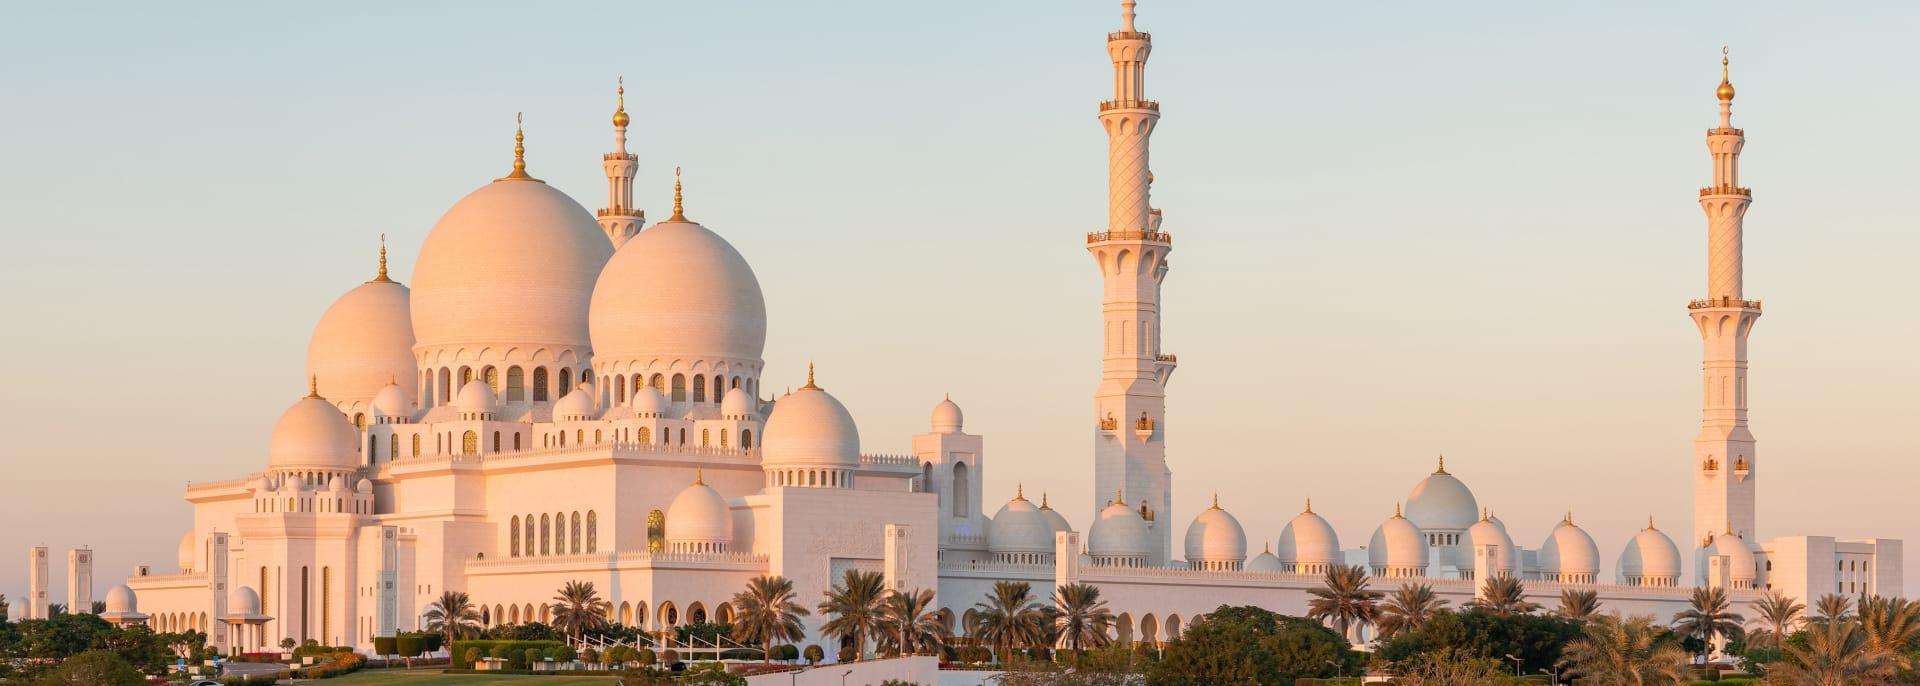 Sheikh Zayed Grand Moschee, Vereinigte Arabische Emirate